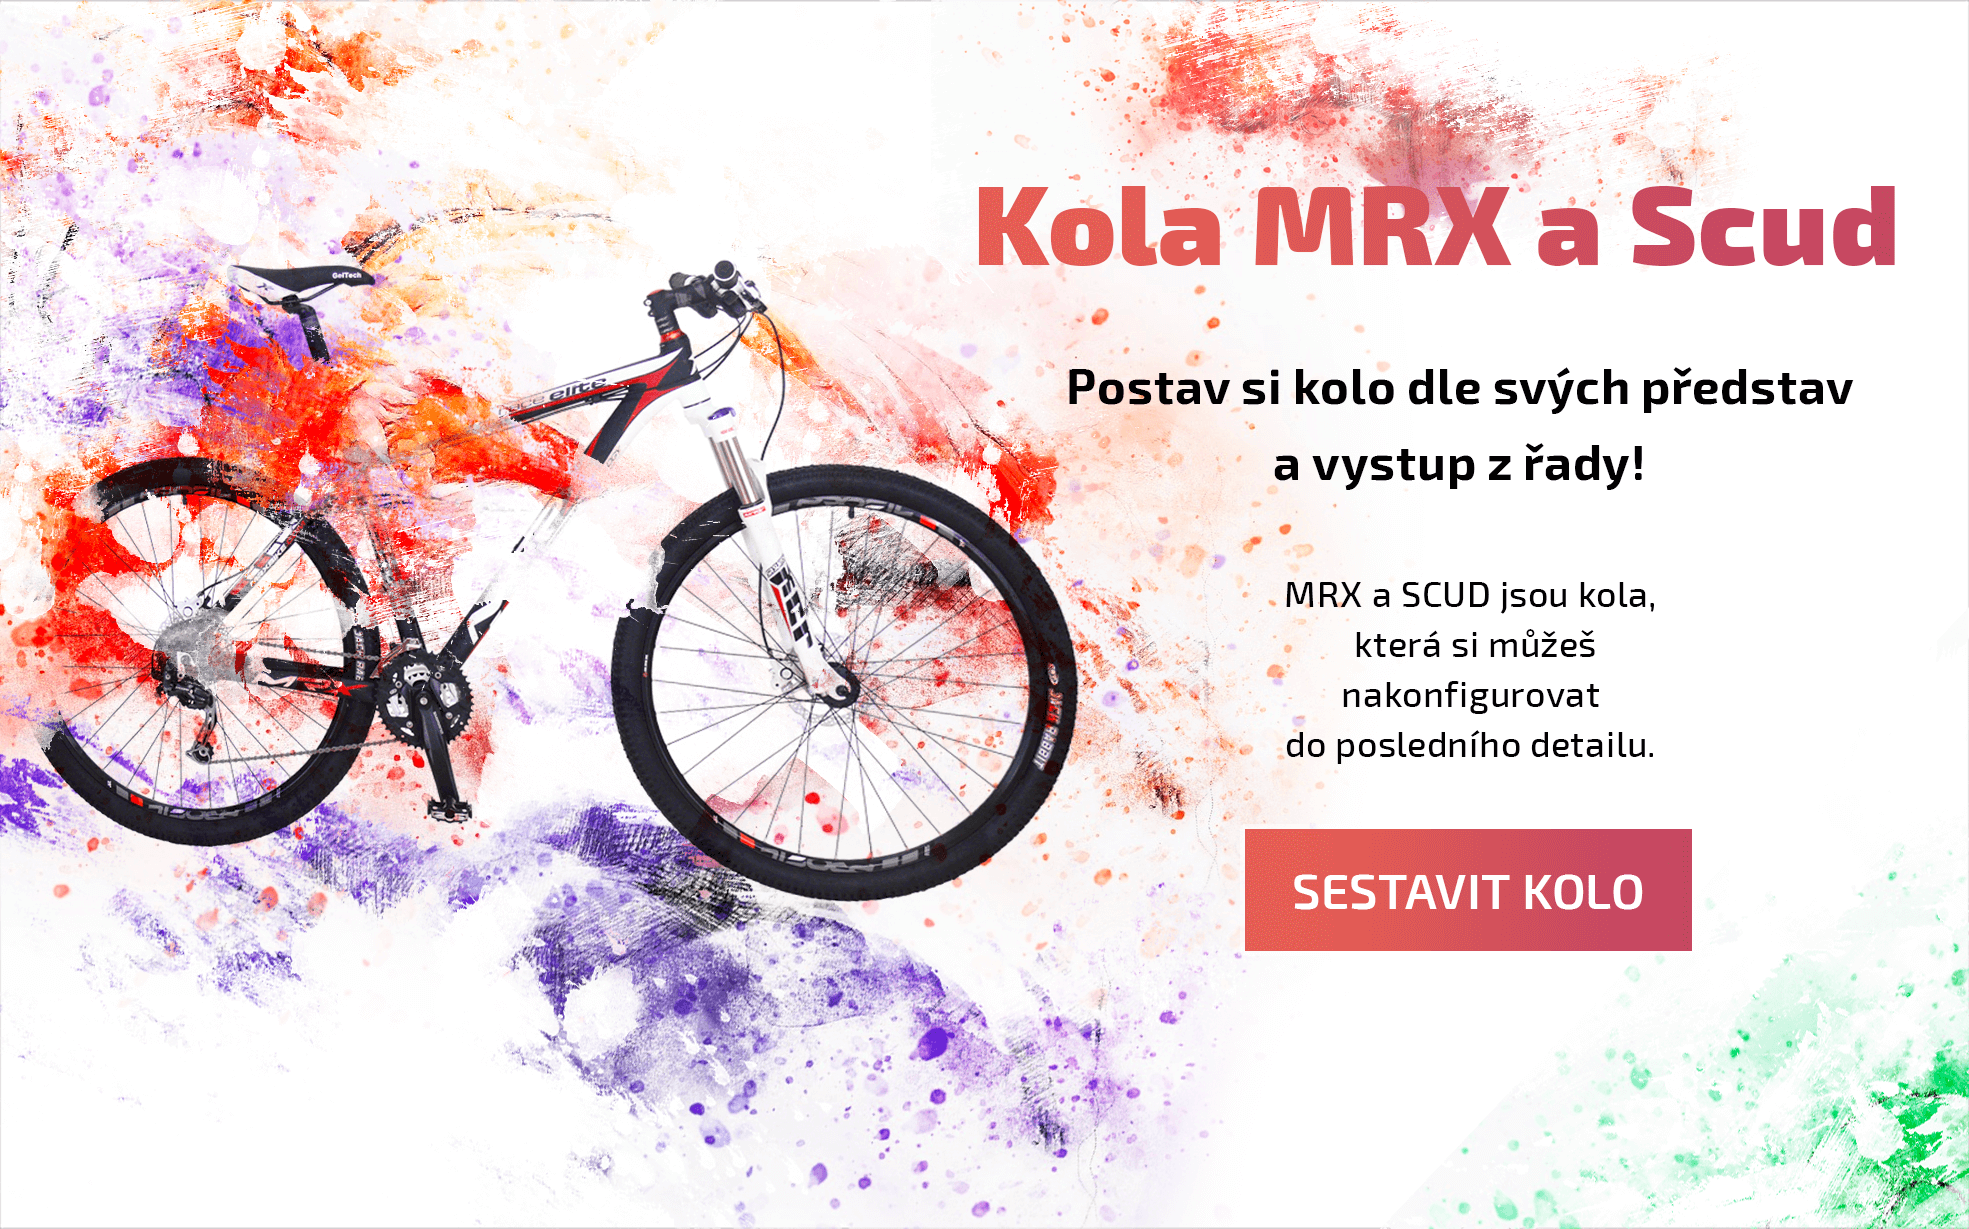 Postav si kolo dle svých představ a vystup z řady; Kola které si můžeš si nakofigurovat kolo do posledního detailu.